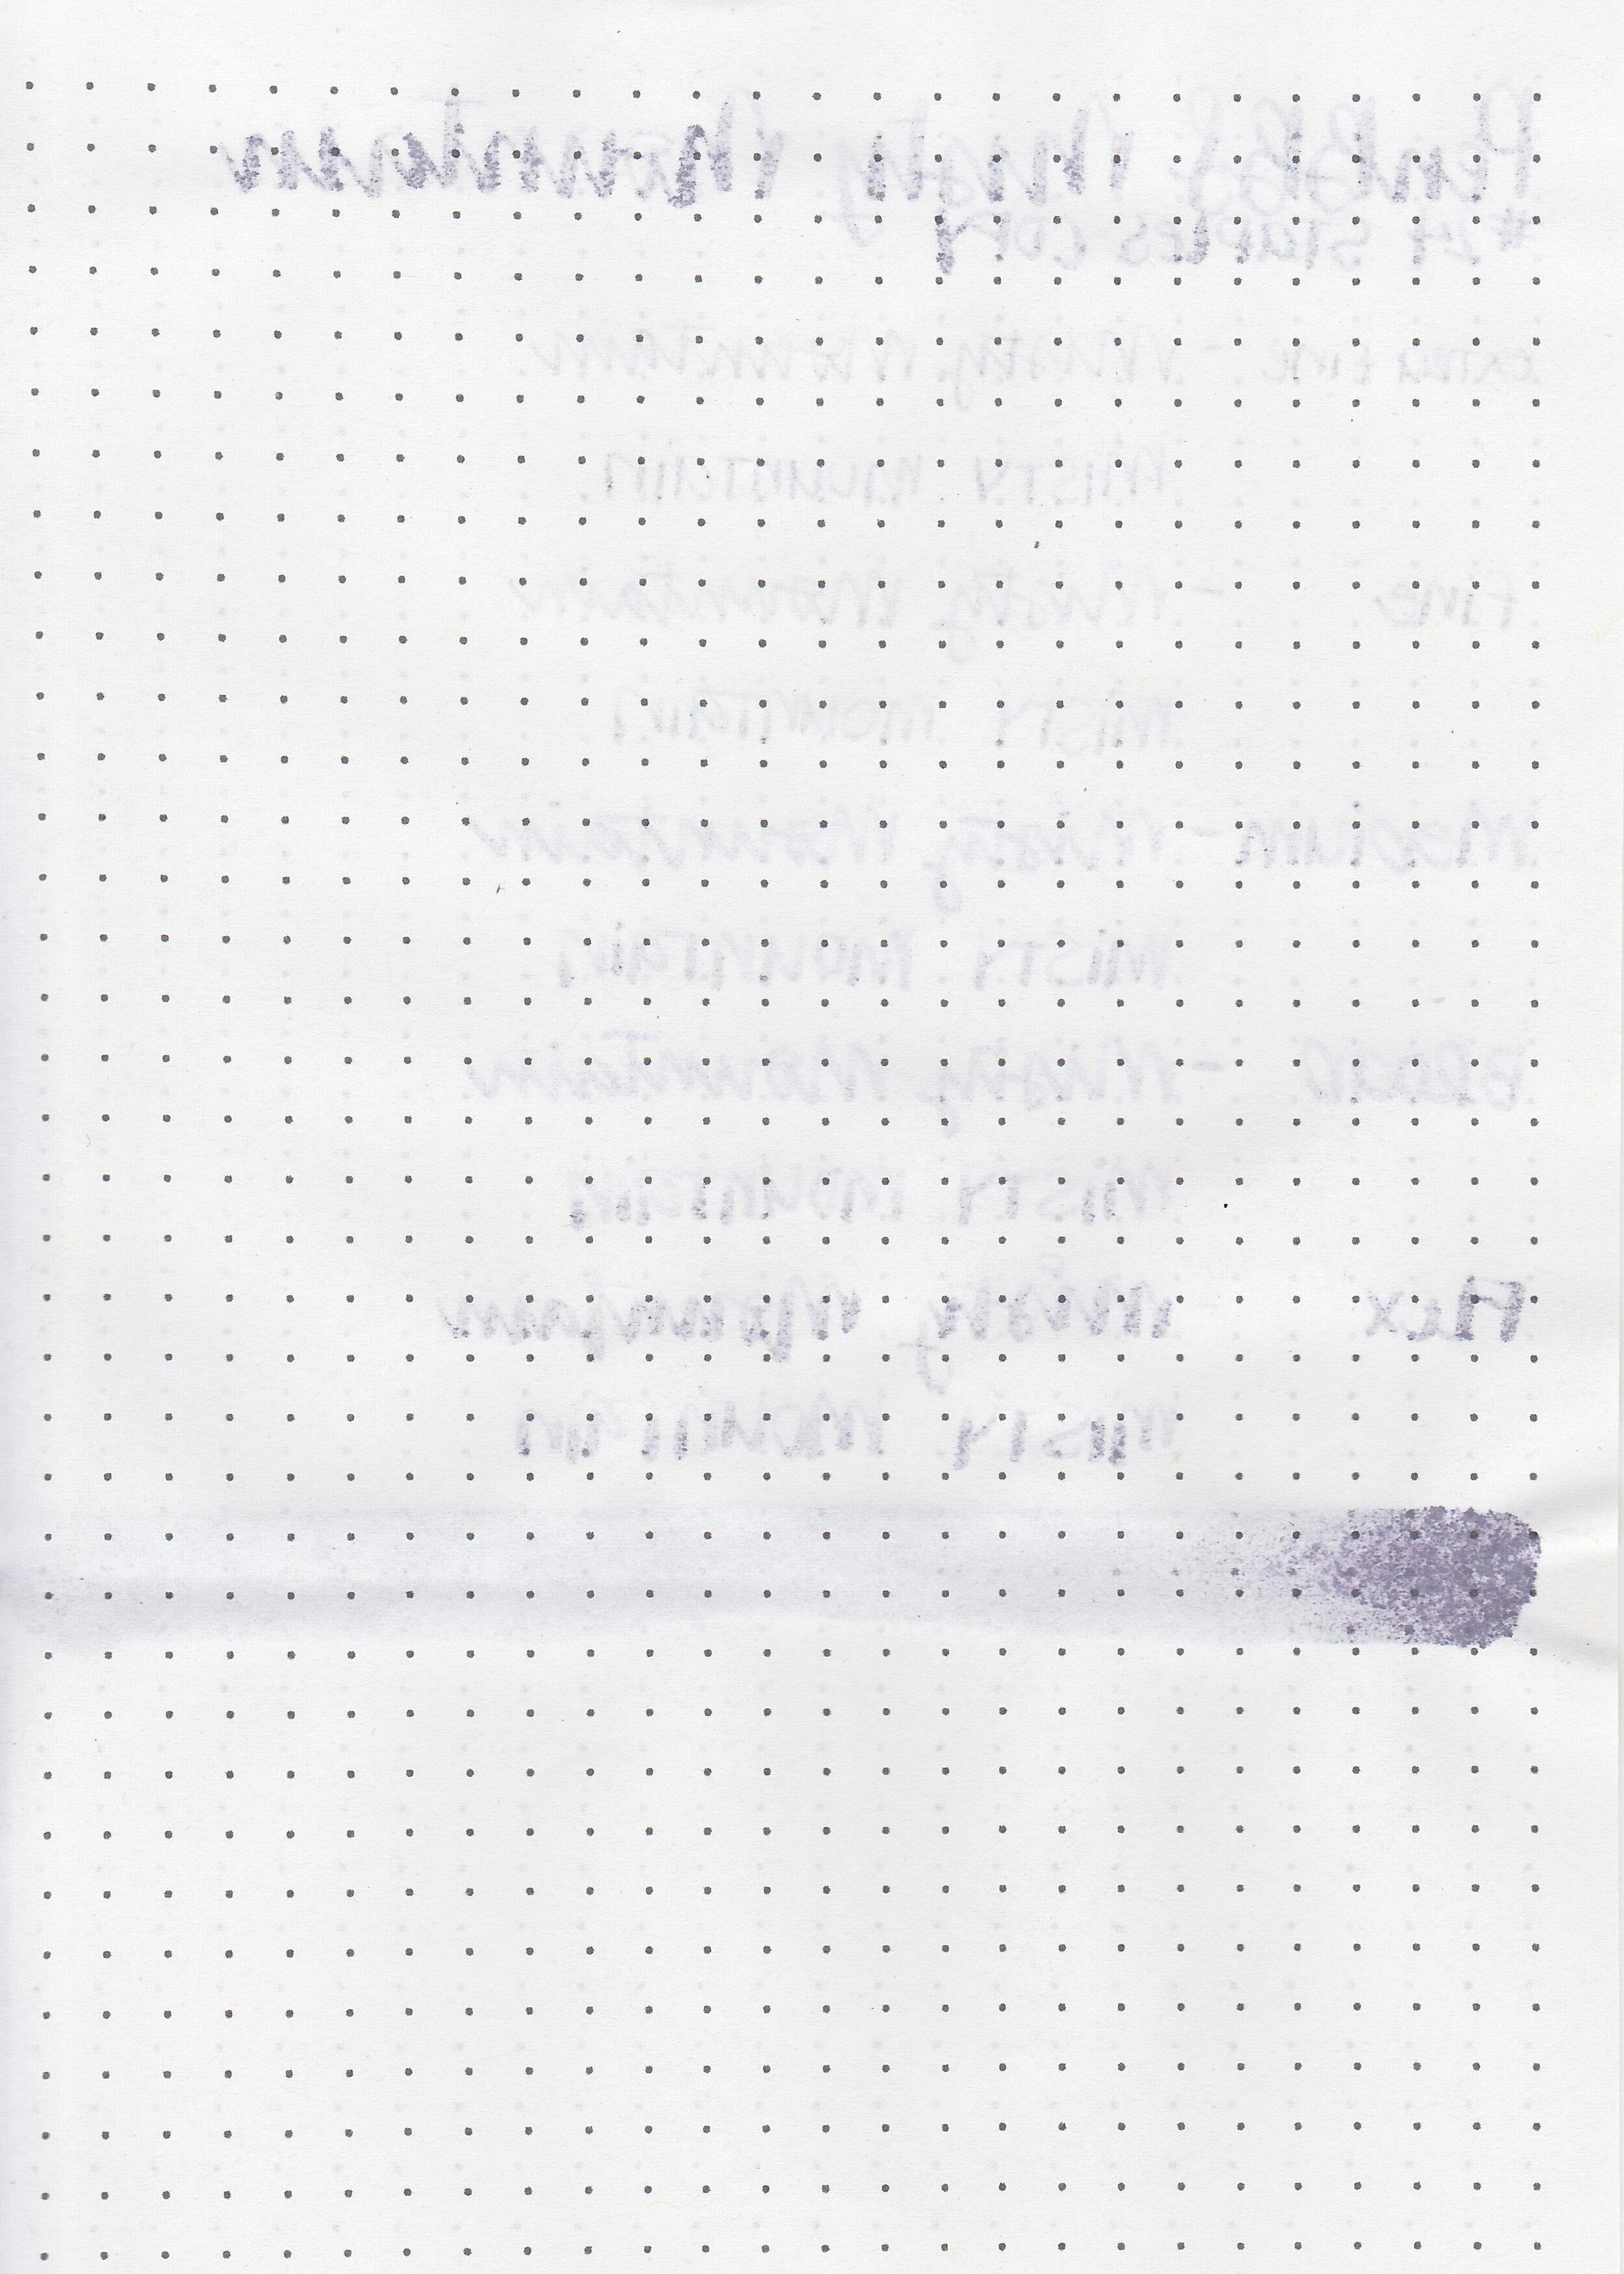 penbbs-misty-mountain-12.jpg